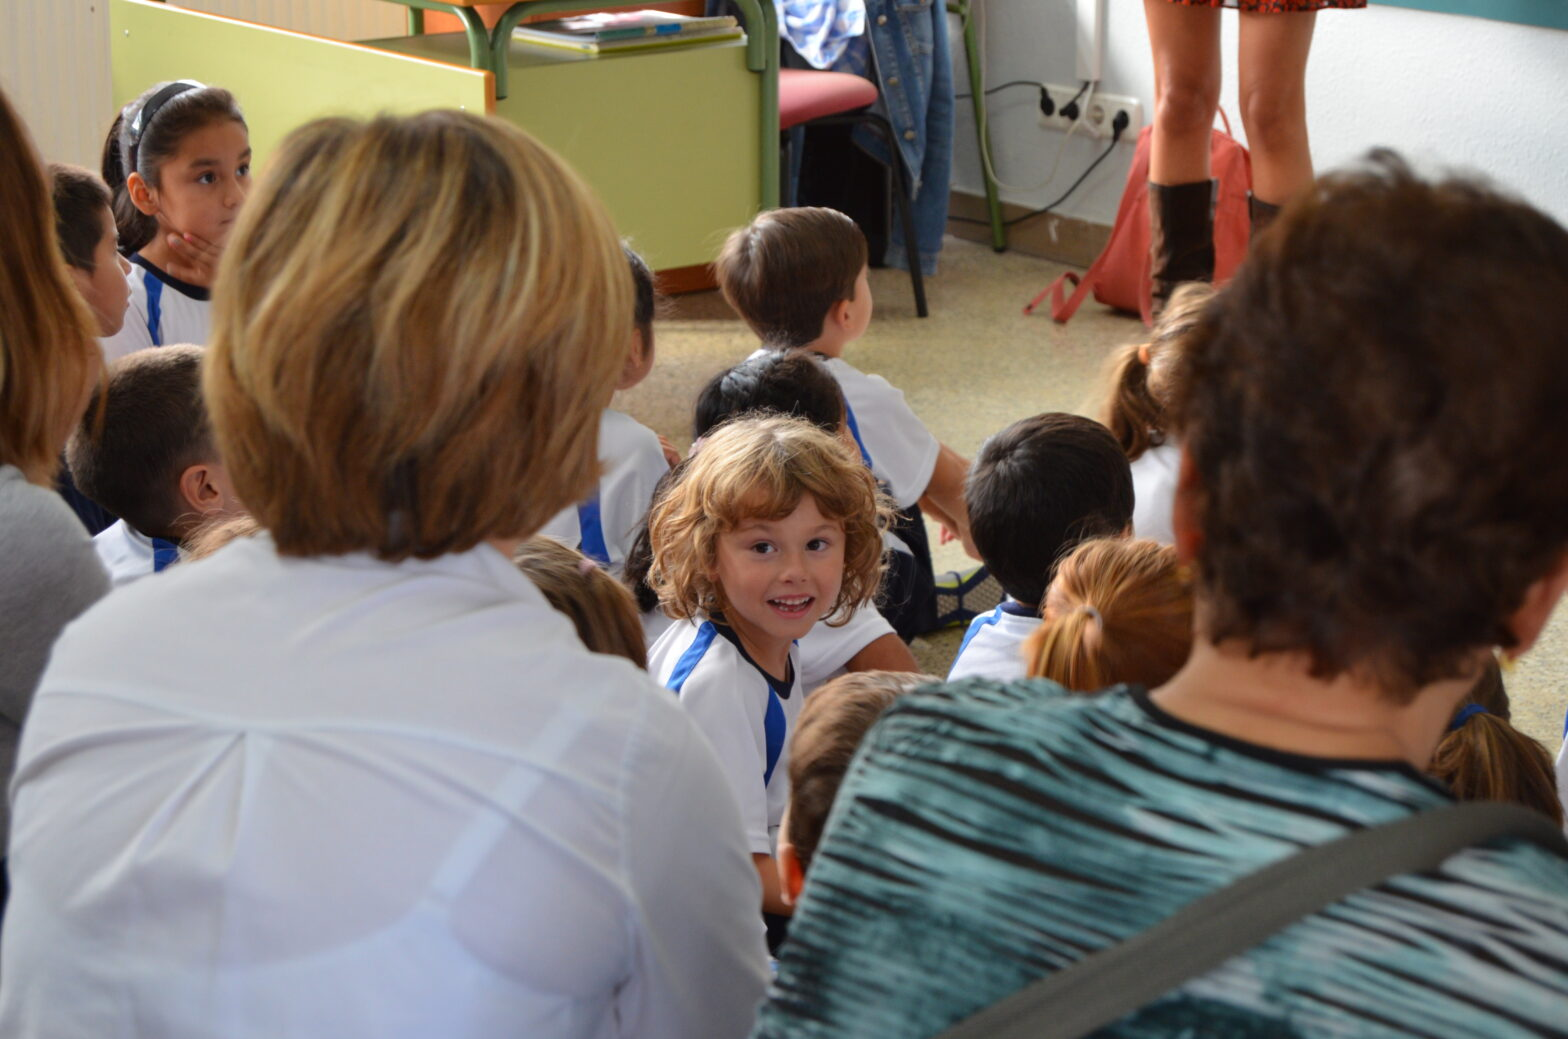 En Nevers Ikastetxea encontrarás un entorno cercano y familiar, gracias a esto te ofrecemos una educación individualizada, eficaz, integral y de alta calidad, desde 0 a 16 años.